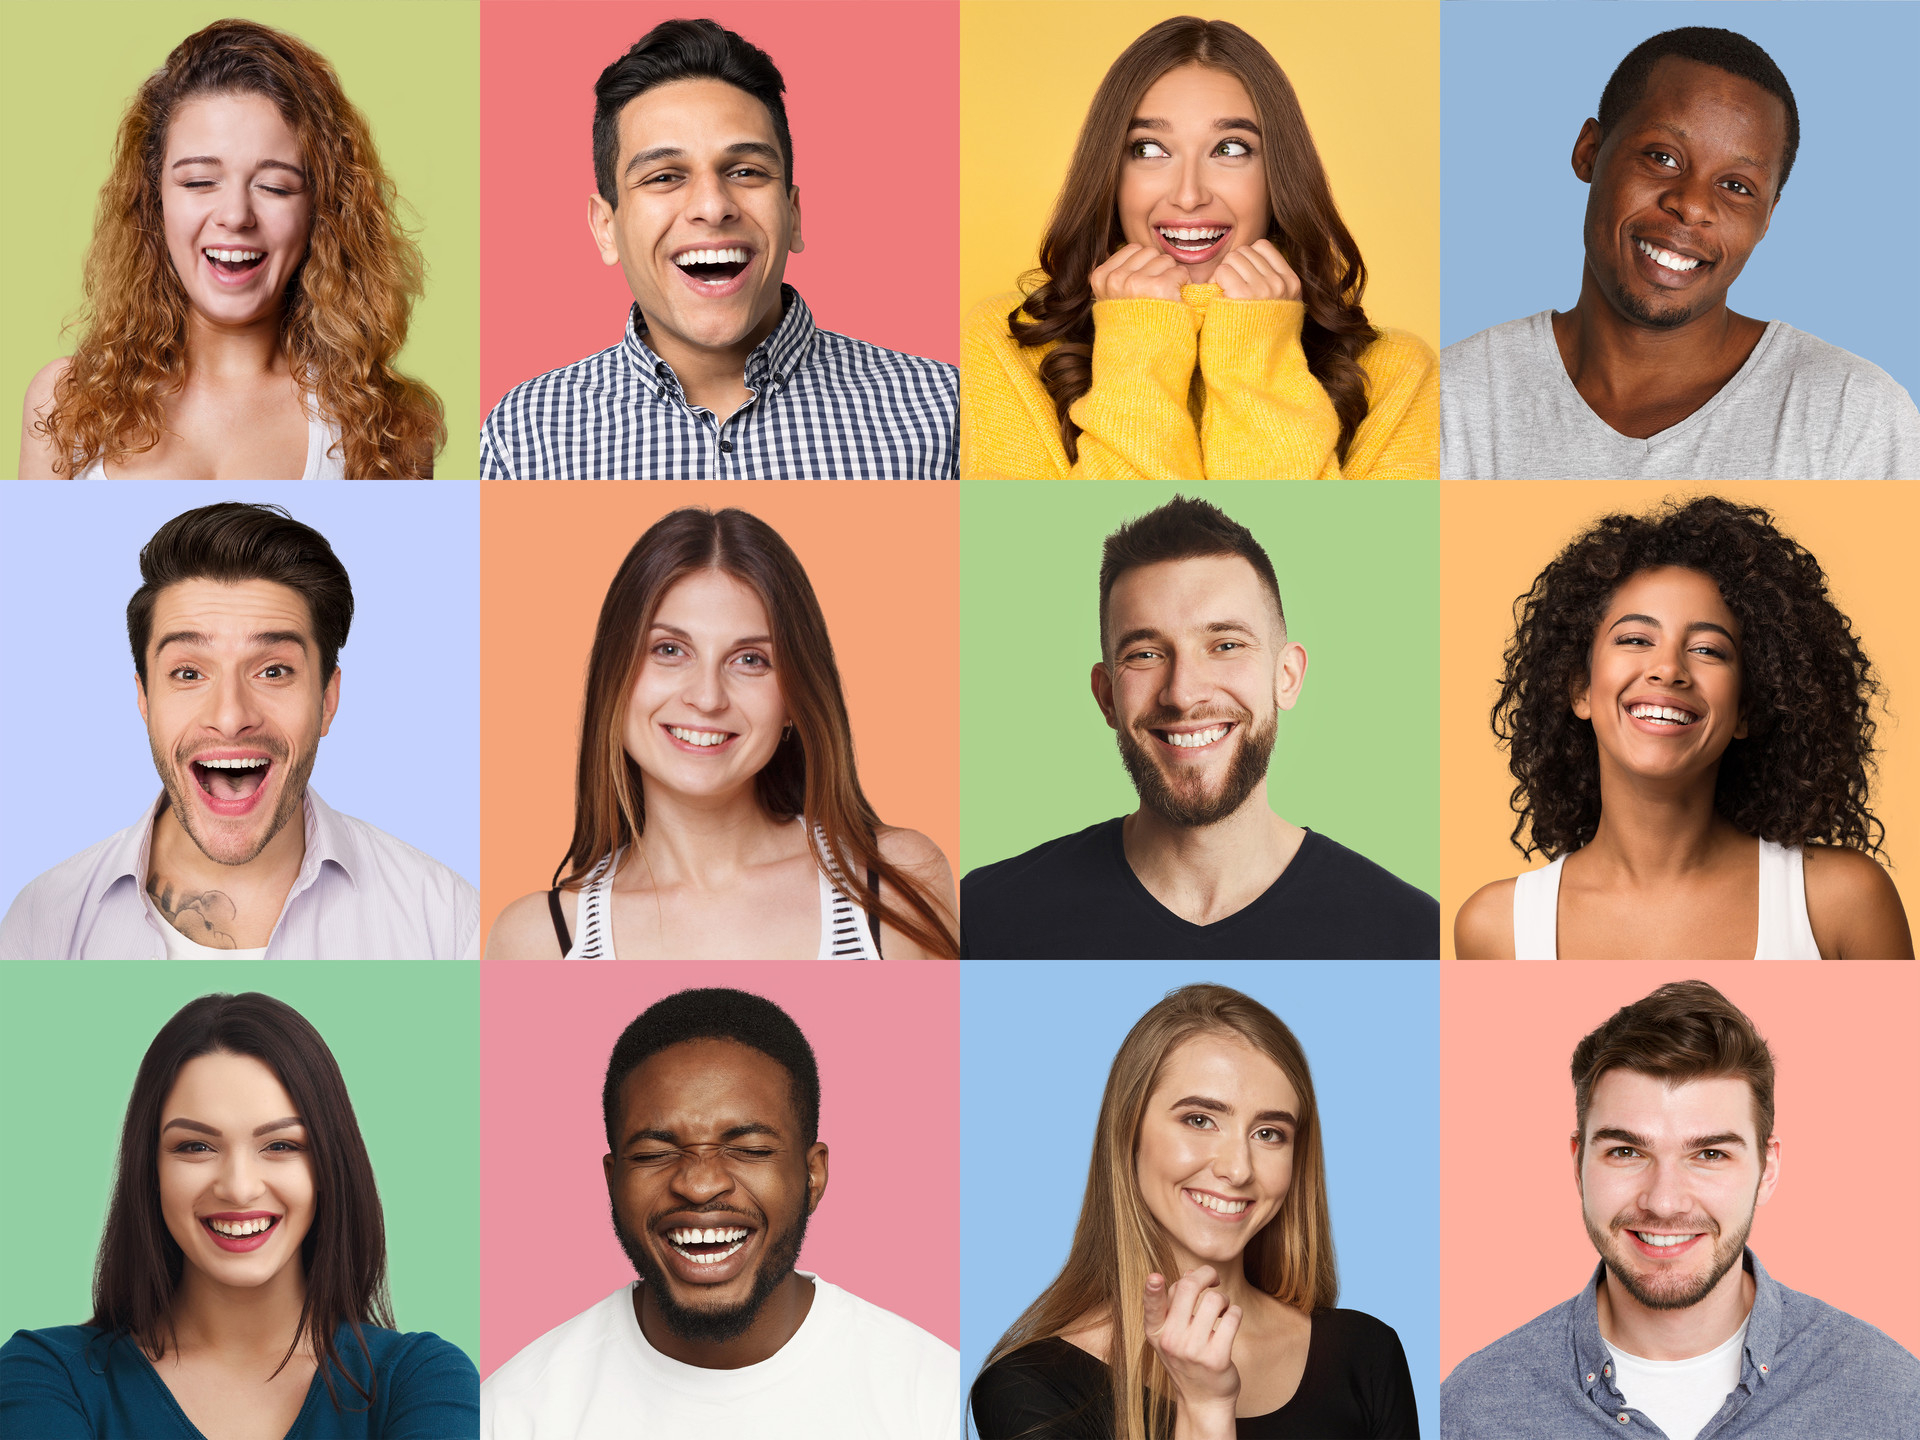 Четыре признака, по которым можно понять, что улыбка фальшивая